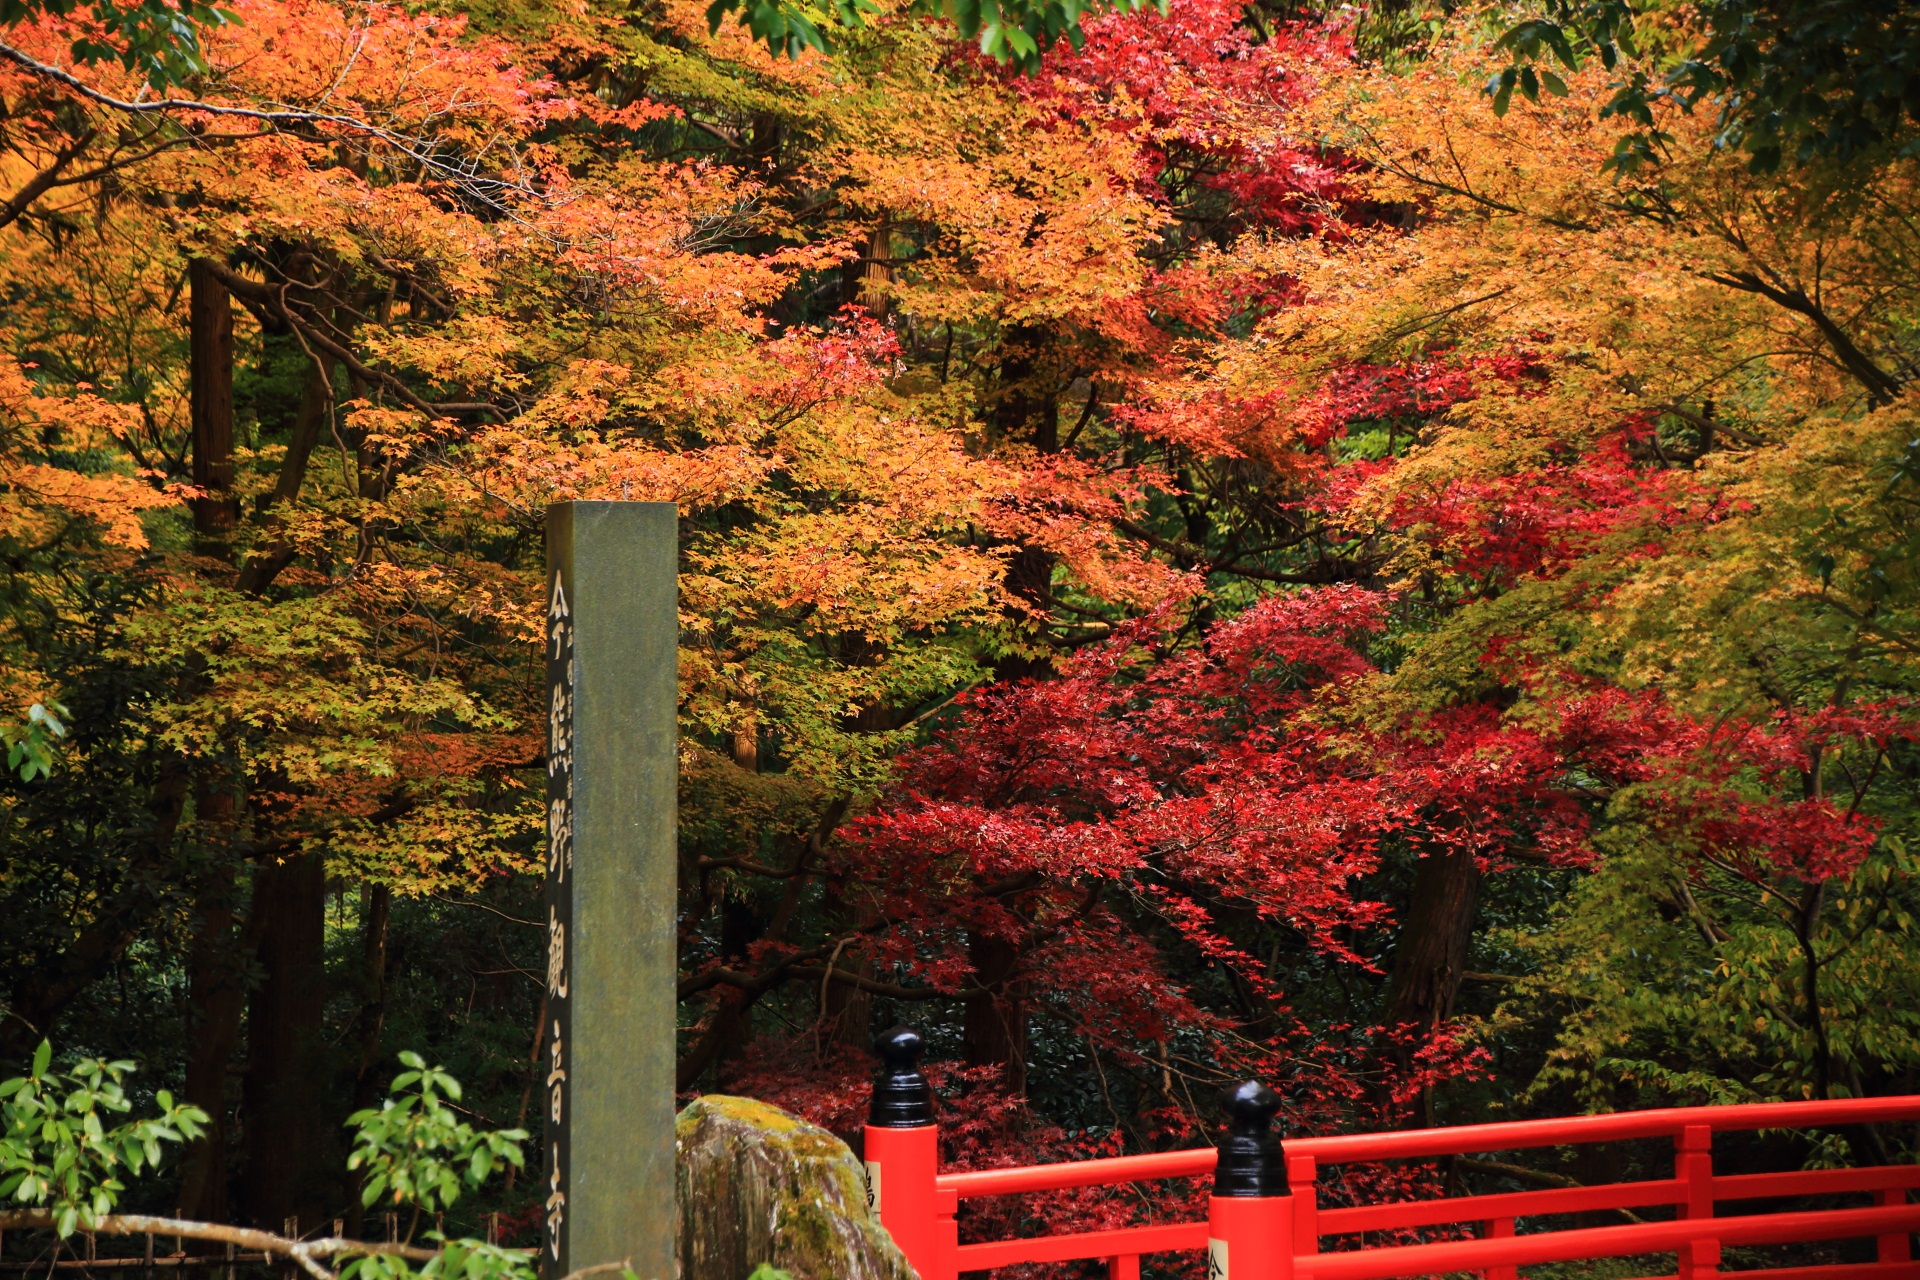 赤やオレンジの紅葉につつまれる横から眺めた鳥居橋